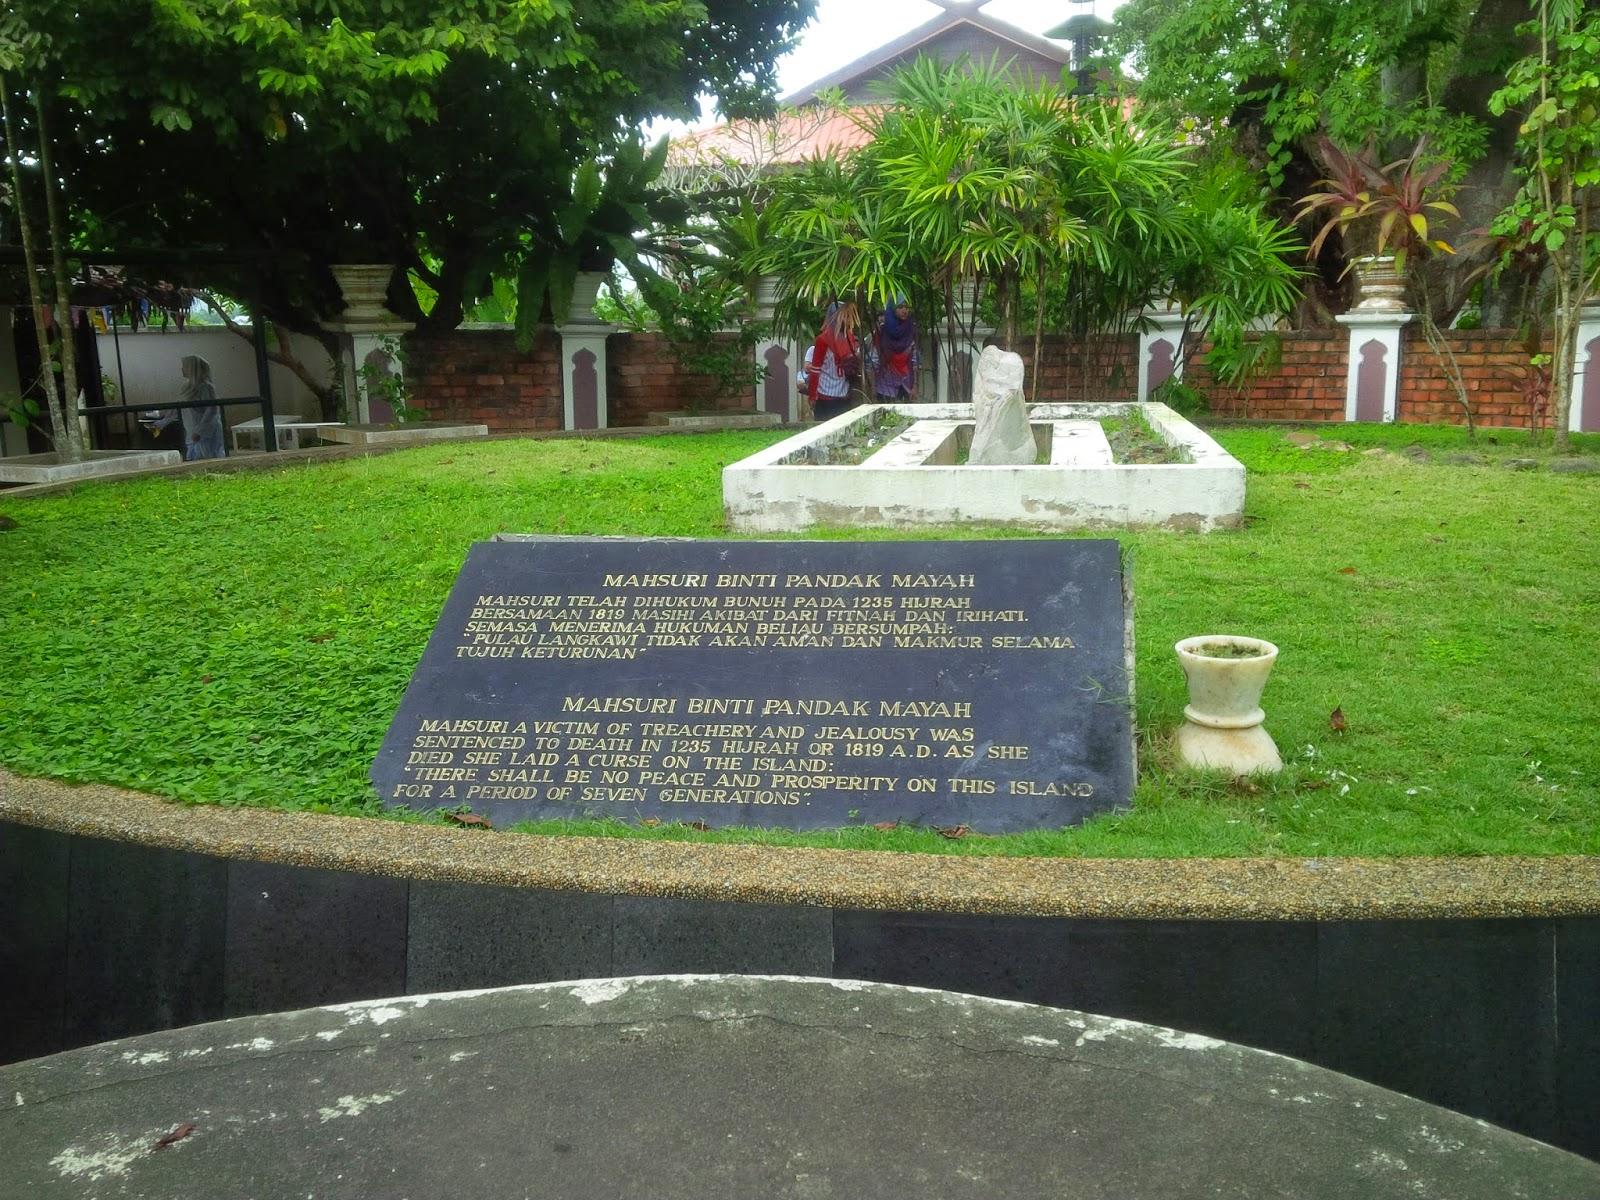 Makam Mahsuri, mahsuri mausoleum, maksuri tomb, langkawi, padang matsirat, mahsuri legend, classic malay architecture, tourism, travel